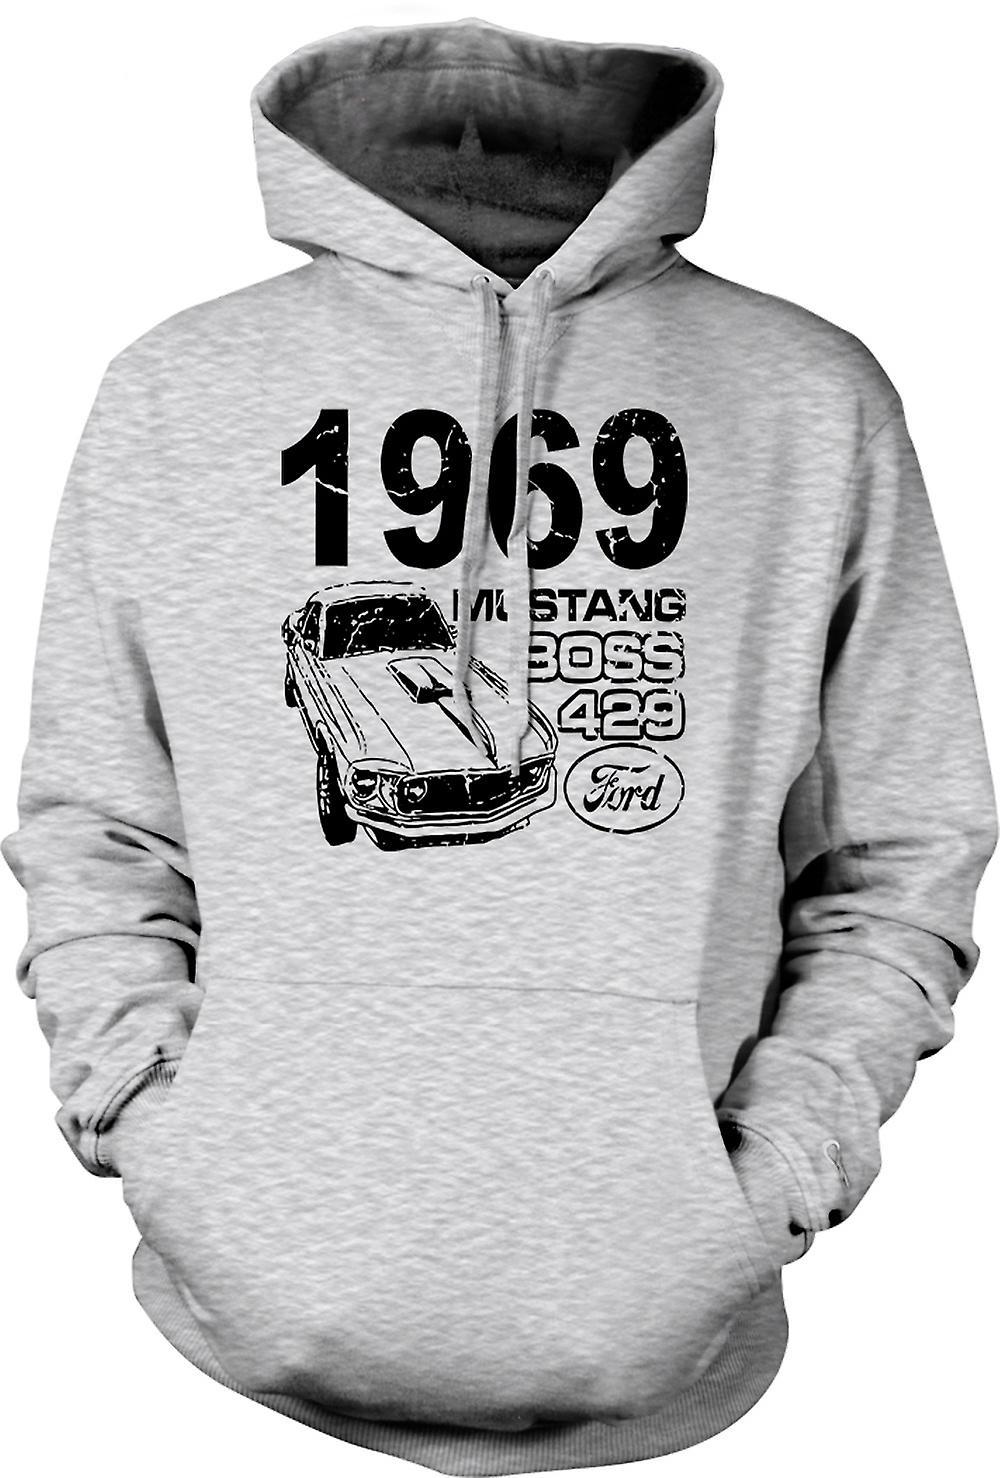 Mens Hoodie - 1969 Mustang Boss 429 - Classic US Car